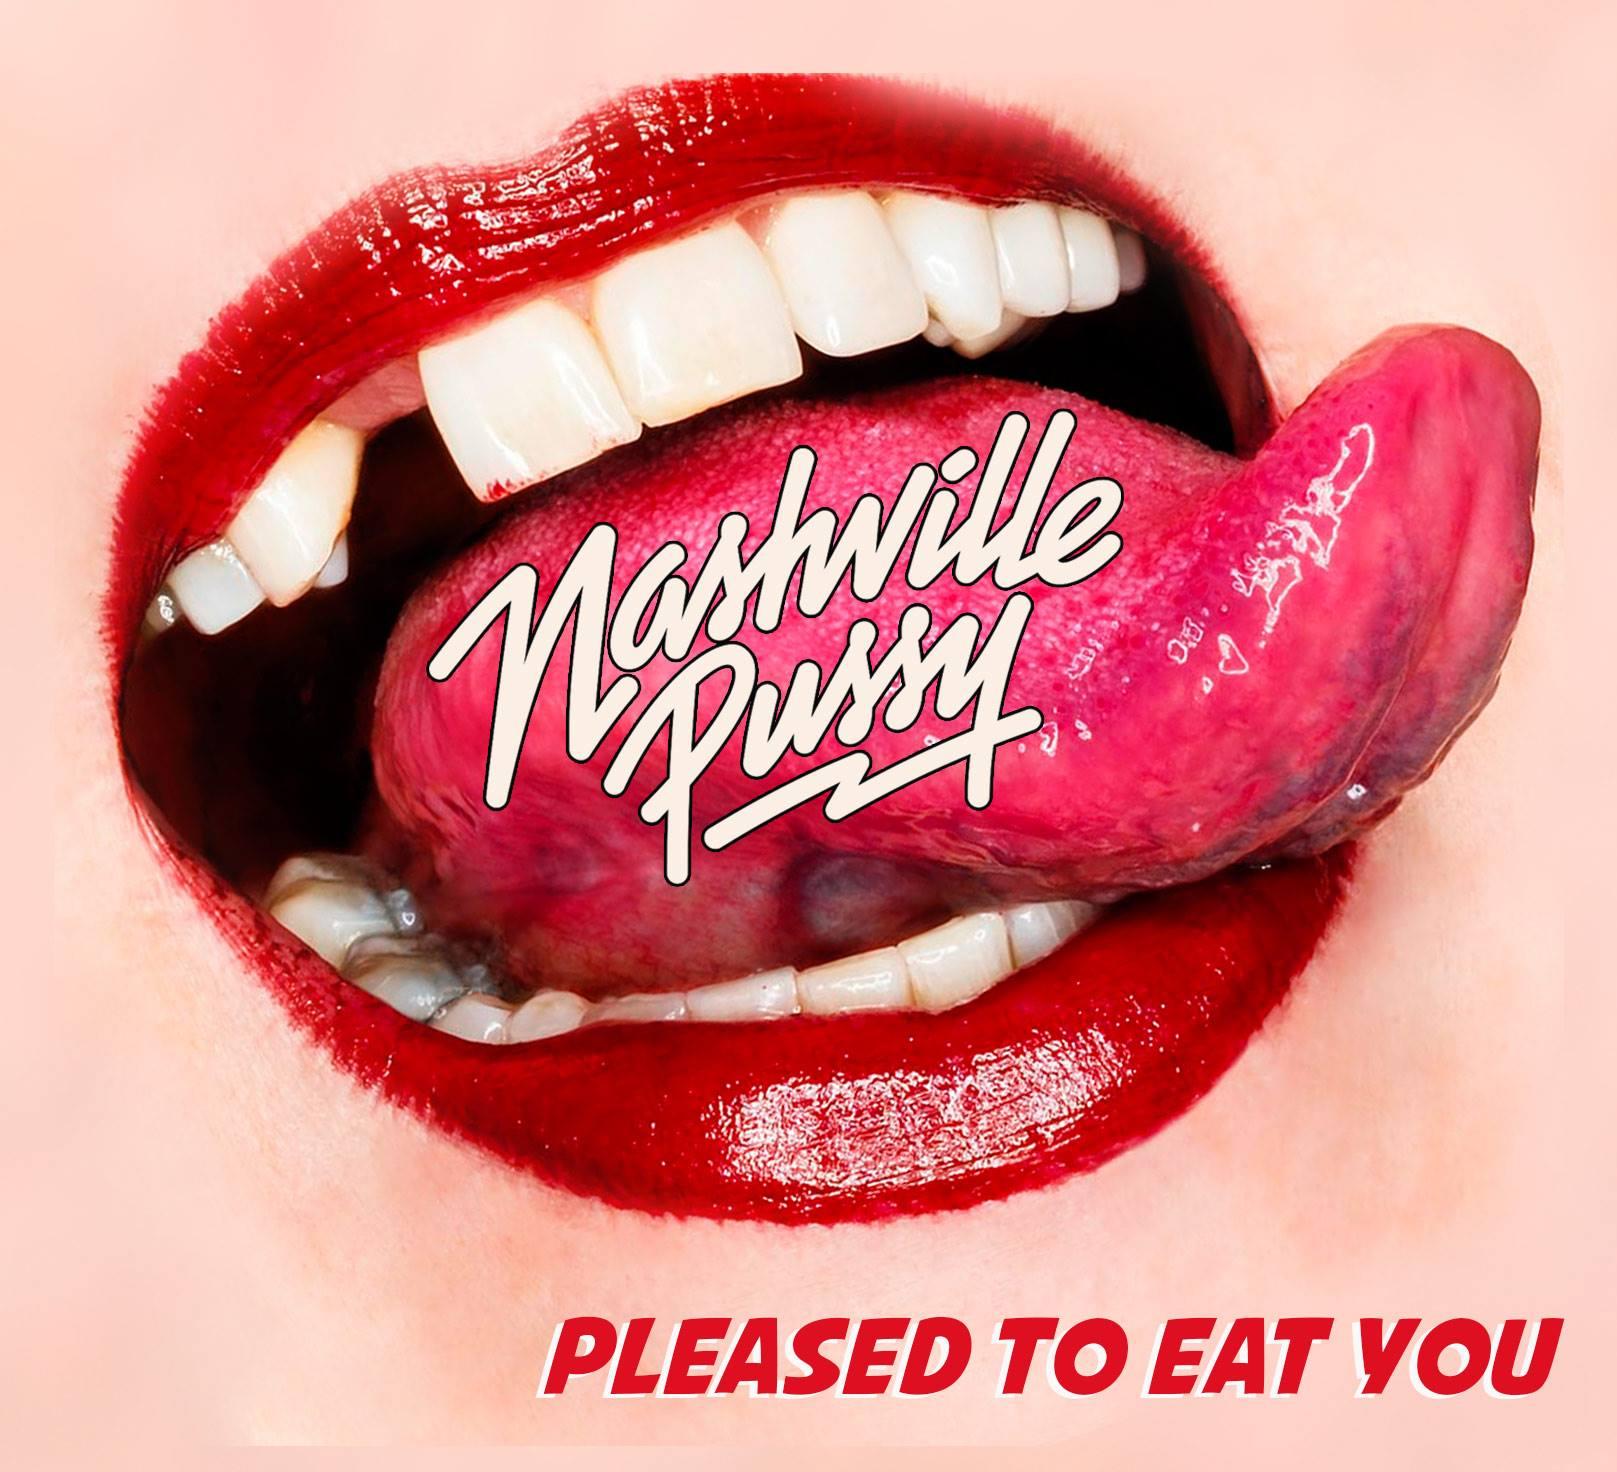 Risultati immagini per nashville pussy pleased to eat you